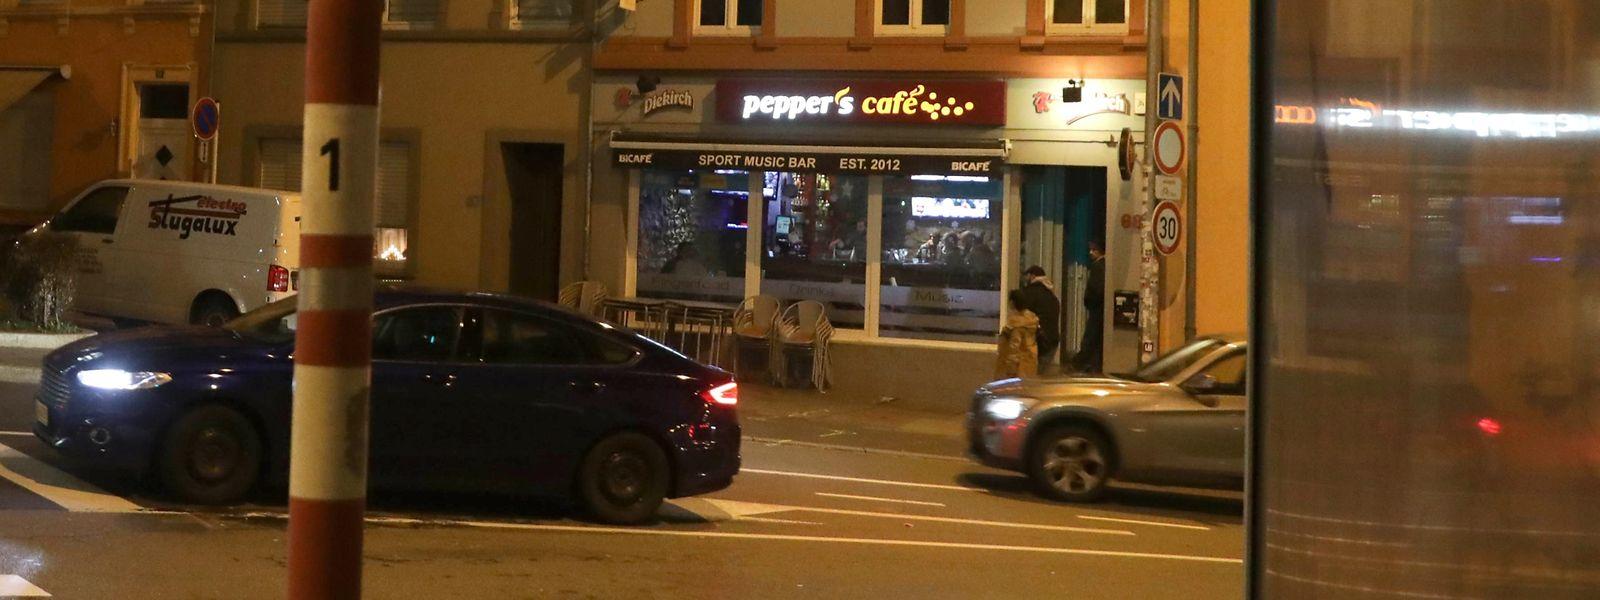 Am 31. Januar 2016 war ein Polizeieinsatz gegen Falschparker vor einer Gaststätte in der hauptstädtischen Rue de Bonnevoie eskaliert.